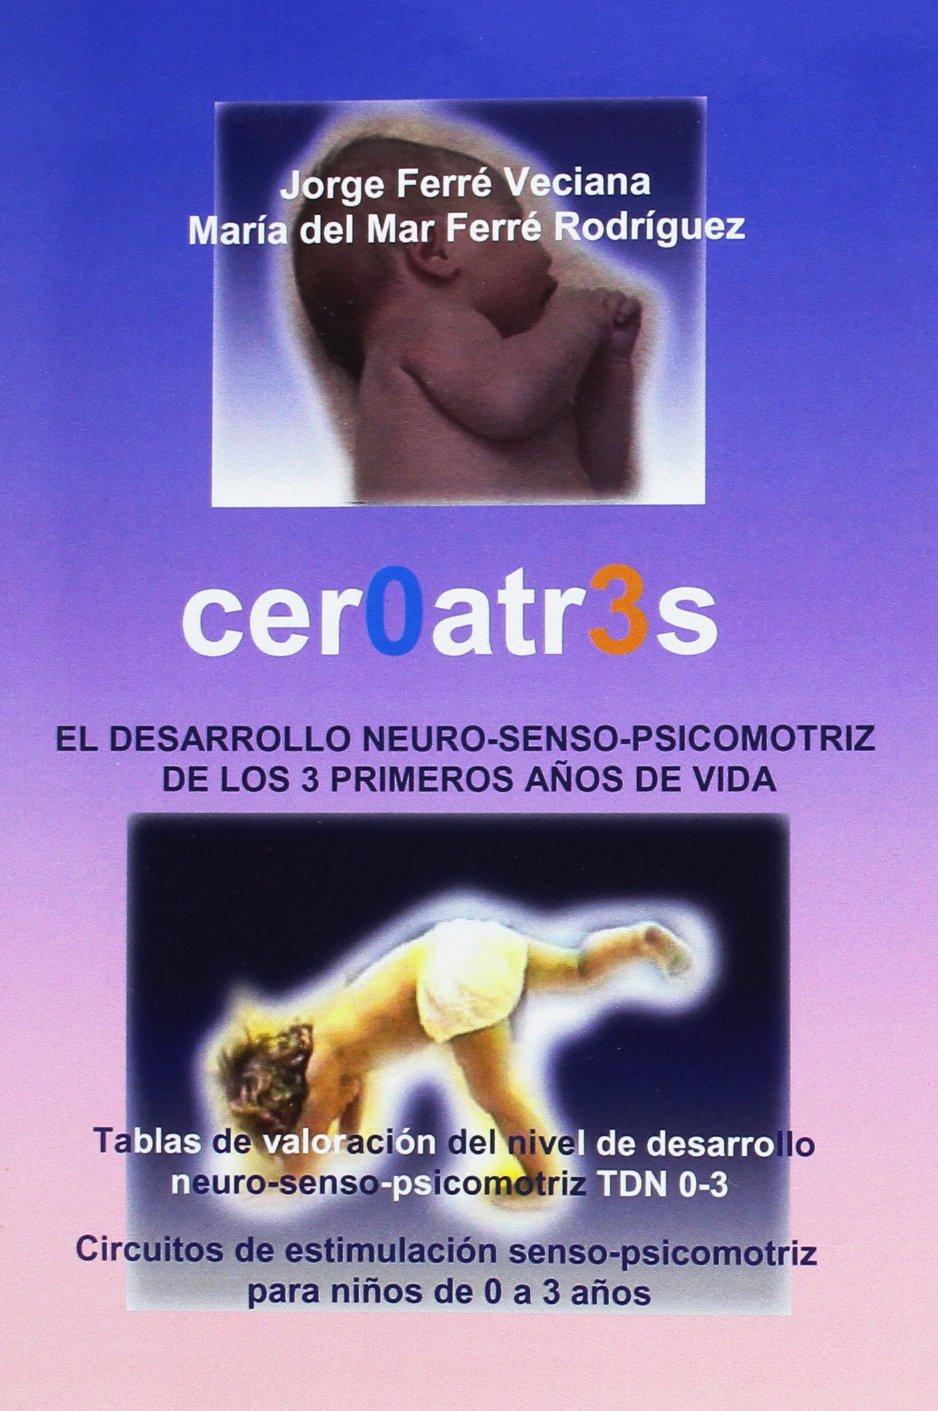 Cer0atr3s / Zero to Three: El Desarrollo Neruro-senso-psicomotriz De Los 3 Primeros Anos De Vida (Spanish Edition) (Spanish) Paperback – November 16, 2005